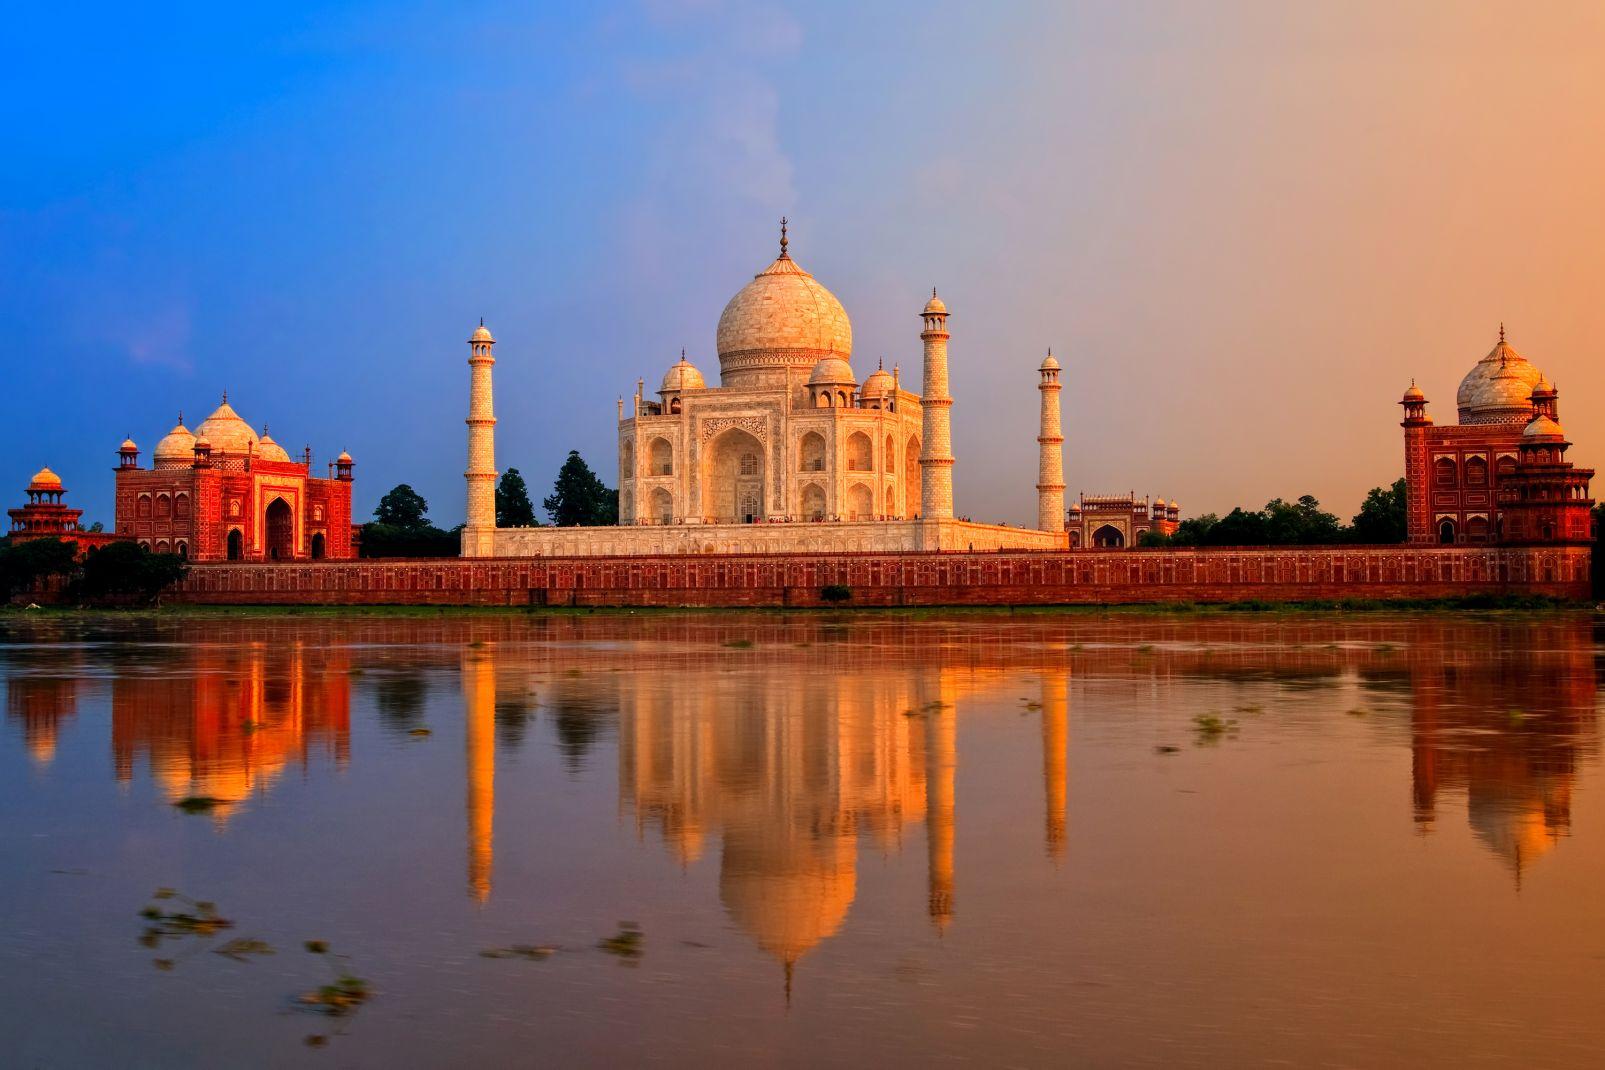 inde, asie, taj mahal, mausolée, palais, agra, Uttar Pradesh